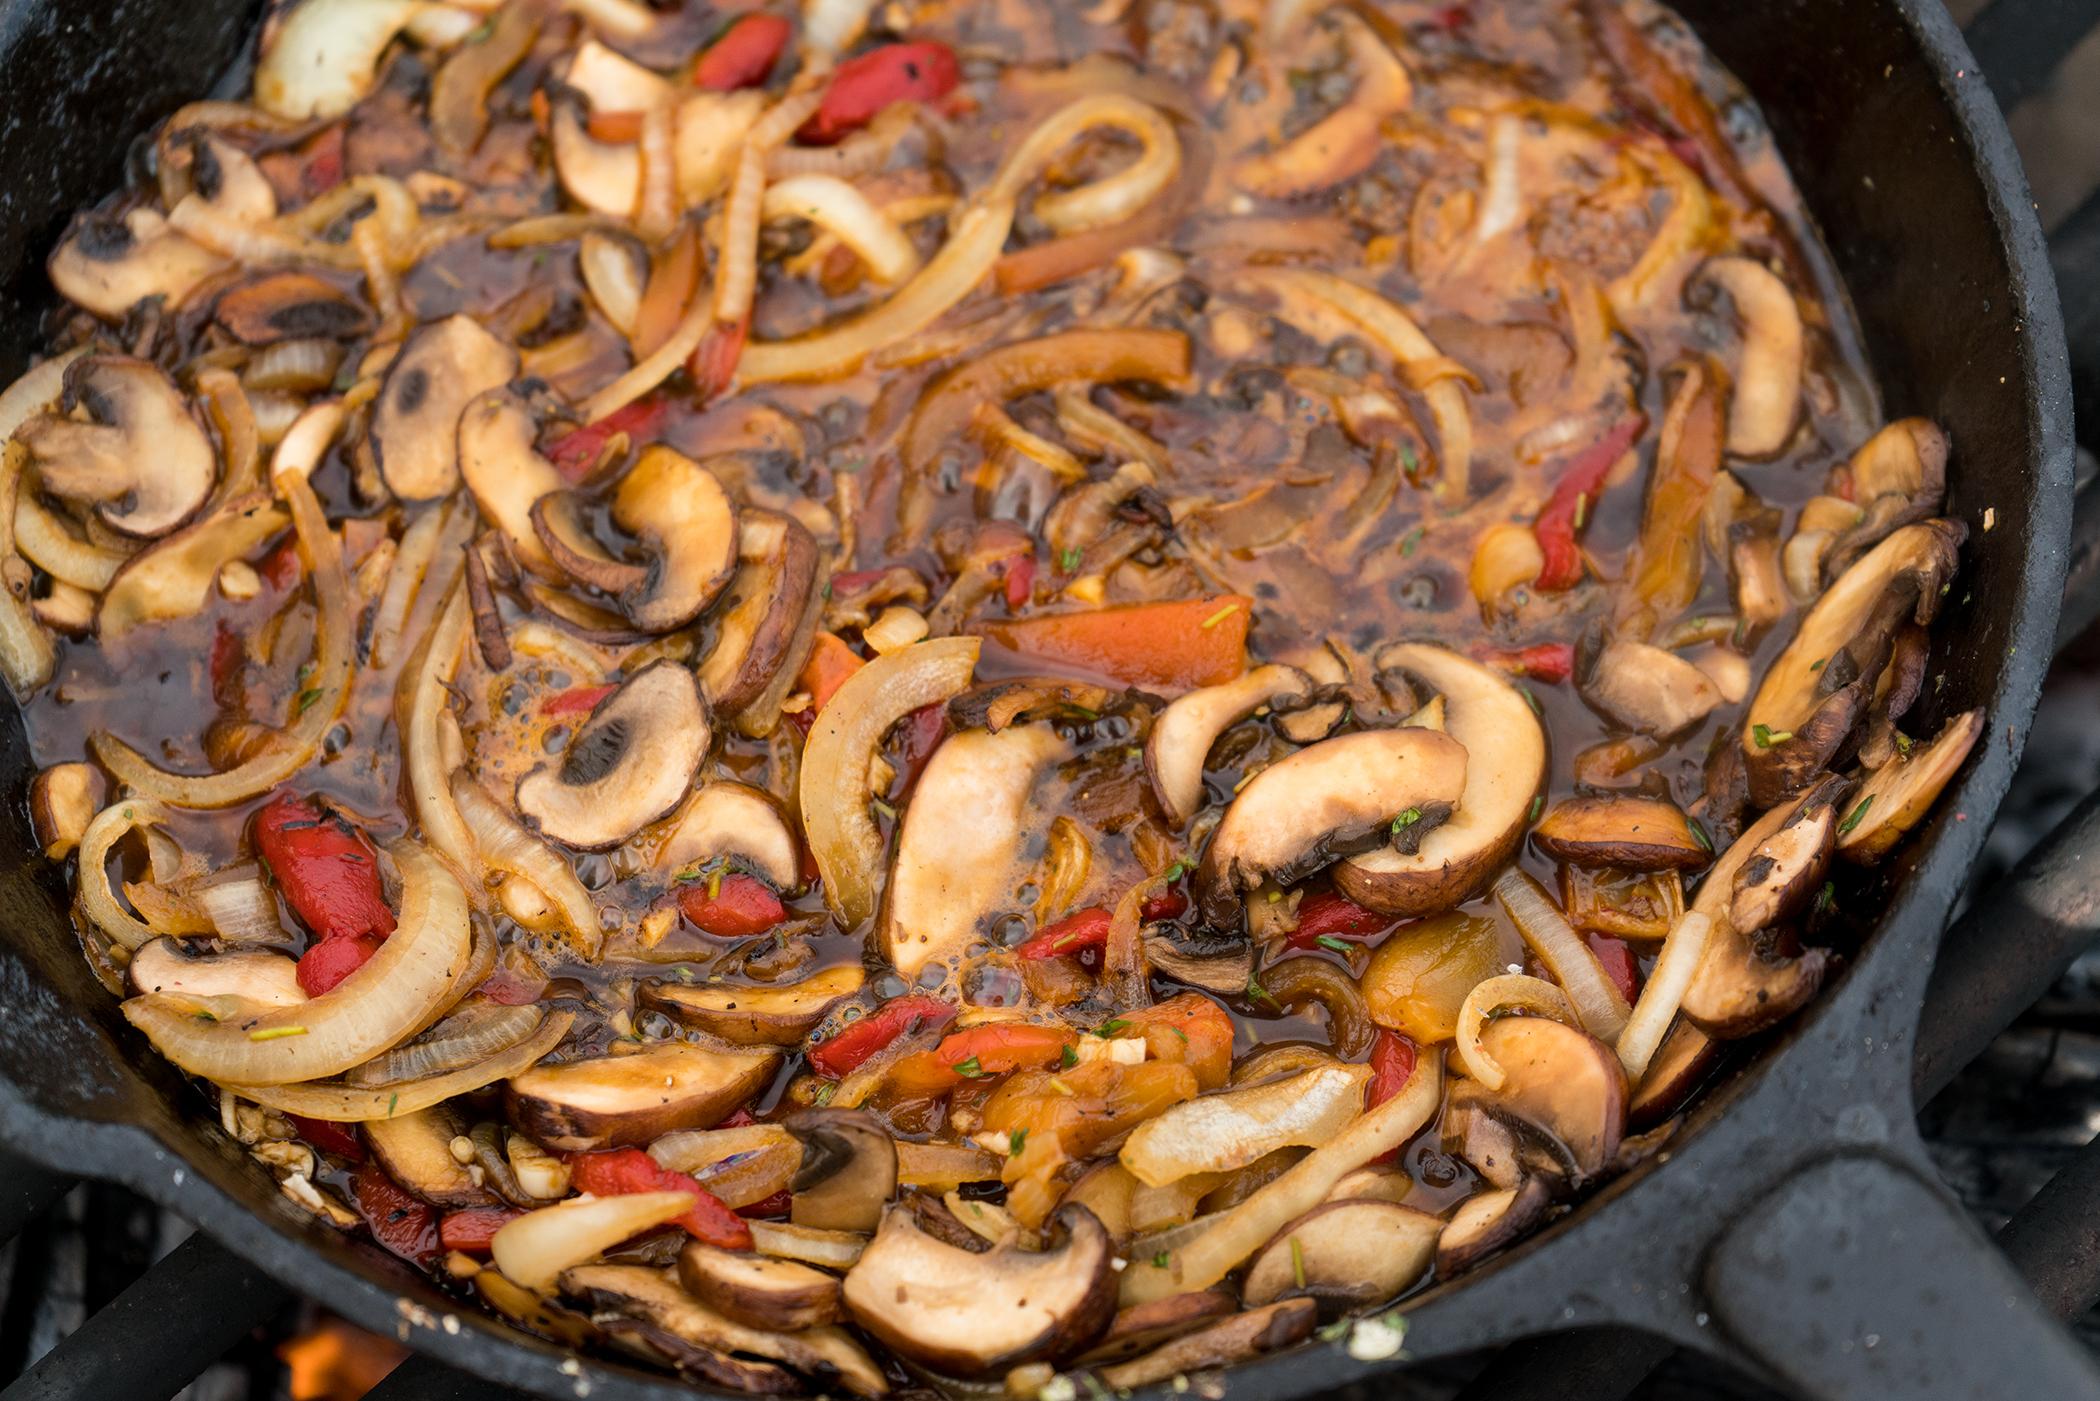 Mushroom French Dip